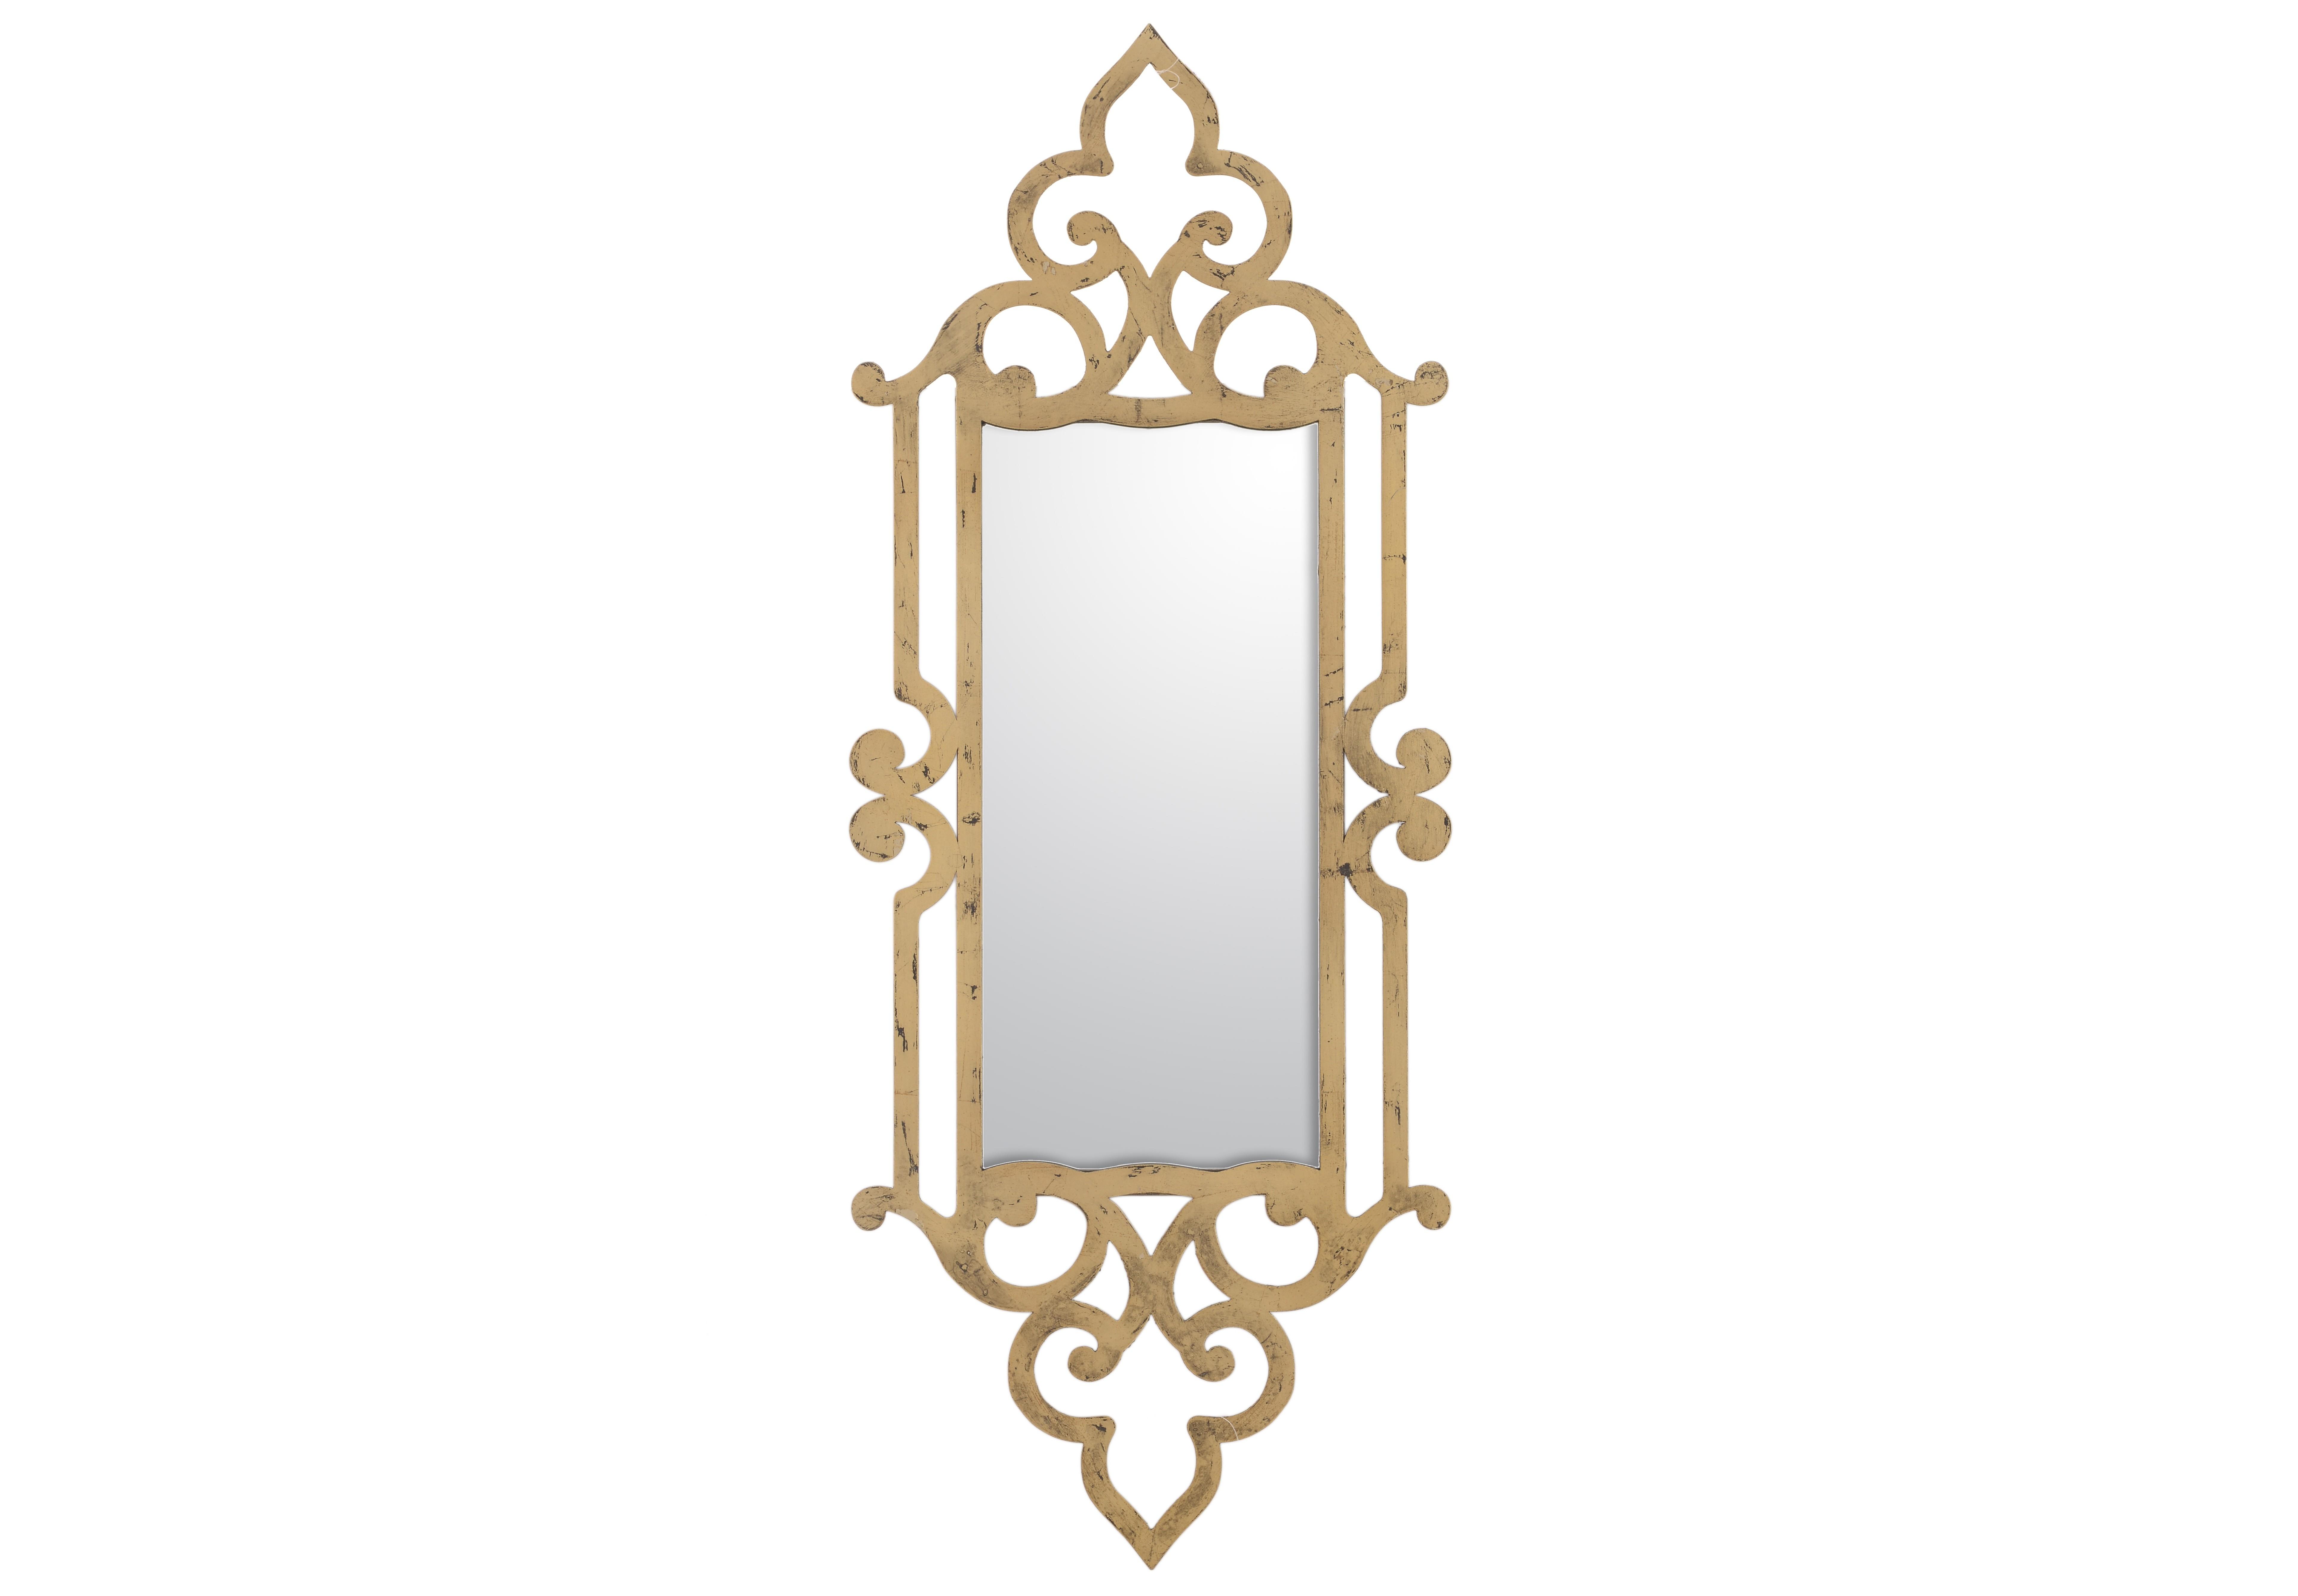 Зеркало настенное VoltarНастенные зеркала<br><br><br>Material: Металл<br>Ширина см: 36<br>Высота см: 90<br>Глубина см: 2